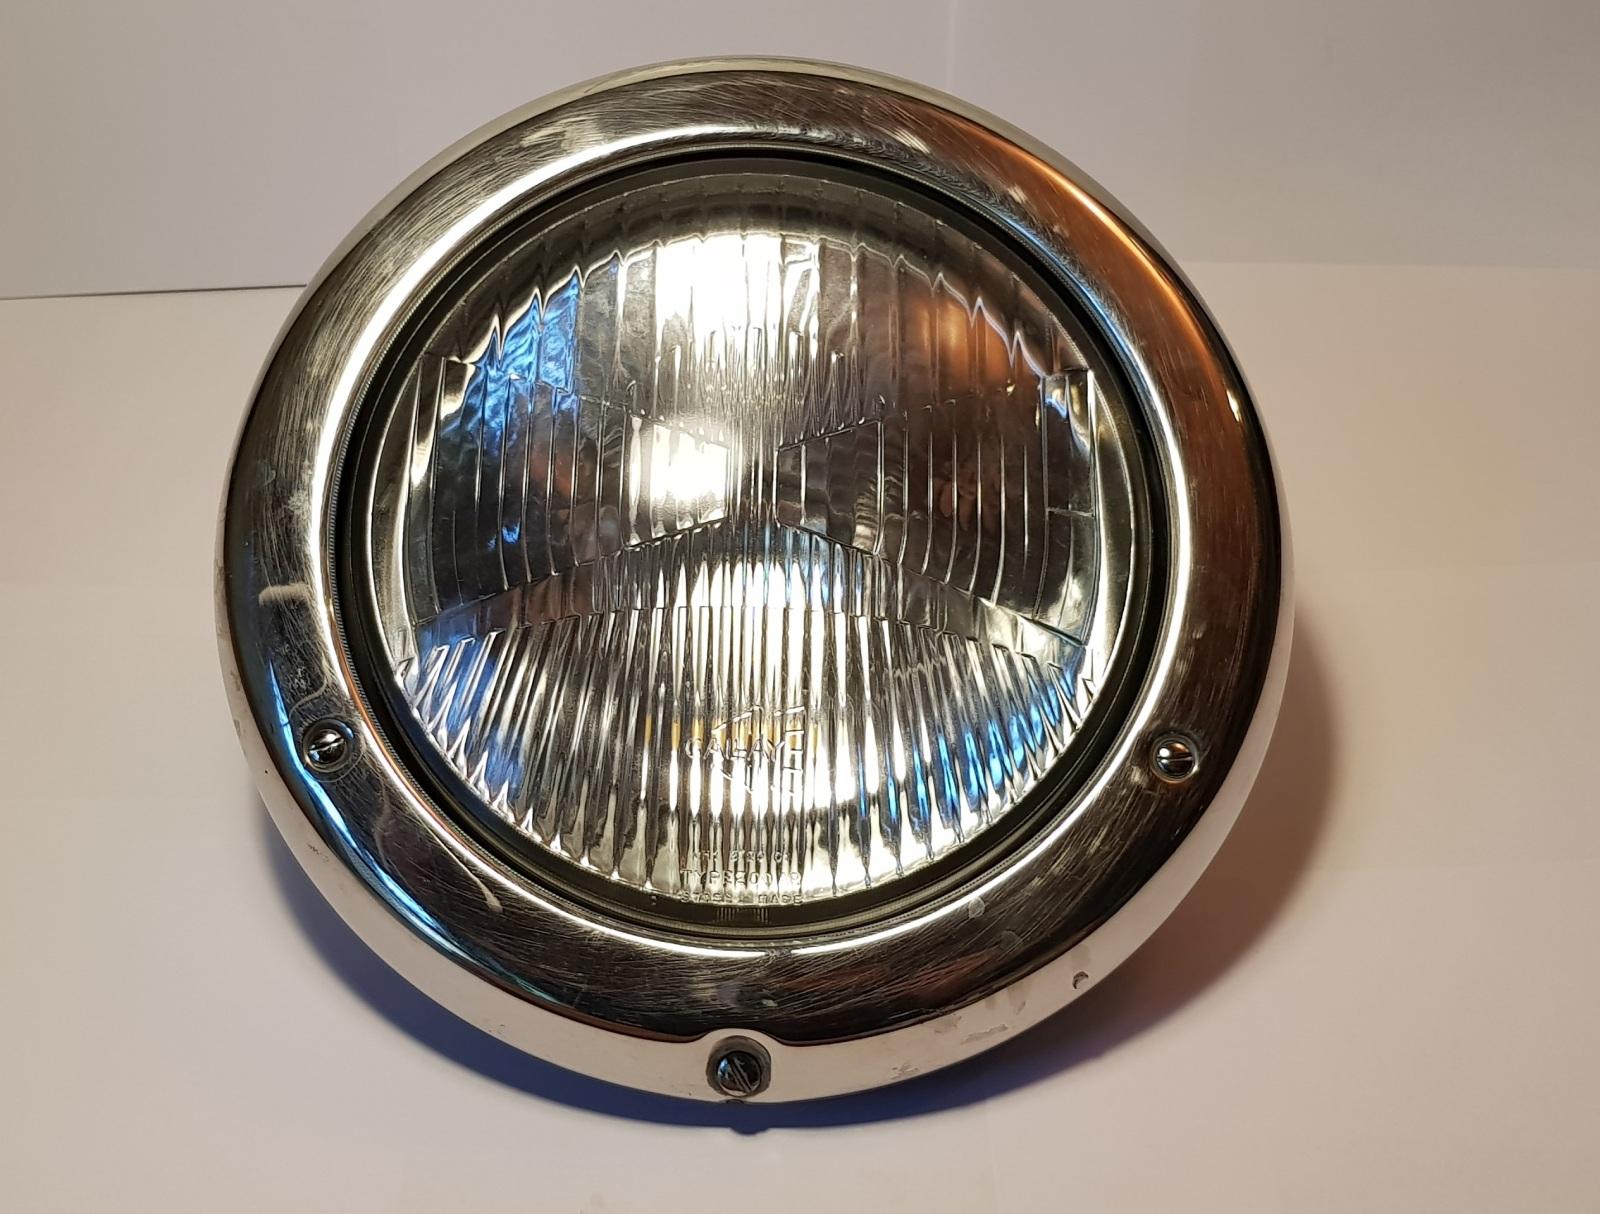 Gallay 372001 Hauptscheinwerfer Scheinwerfer CH1 Type 200AR Headlight Projecteur